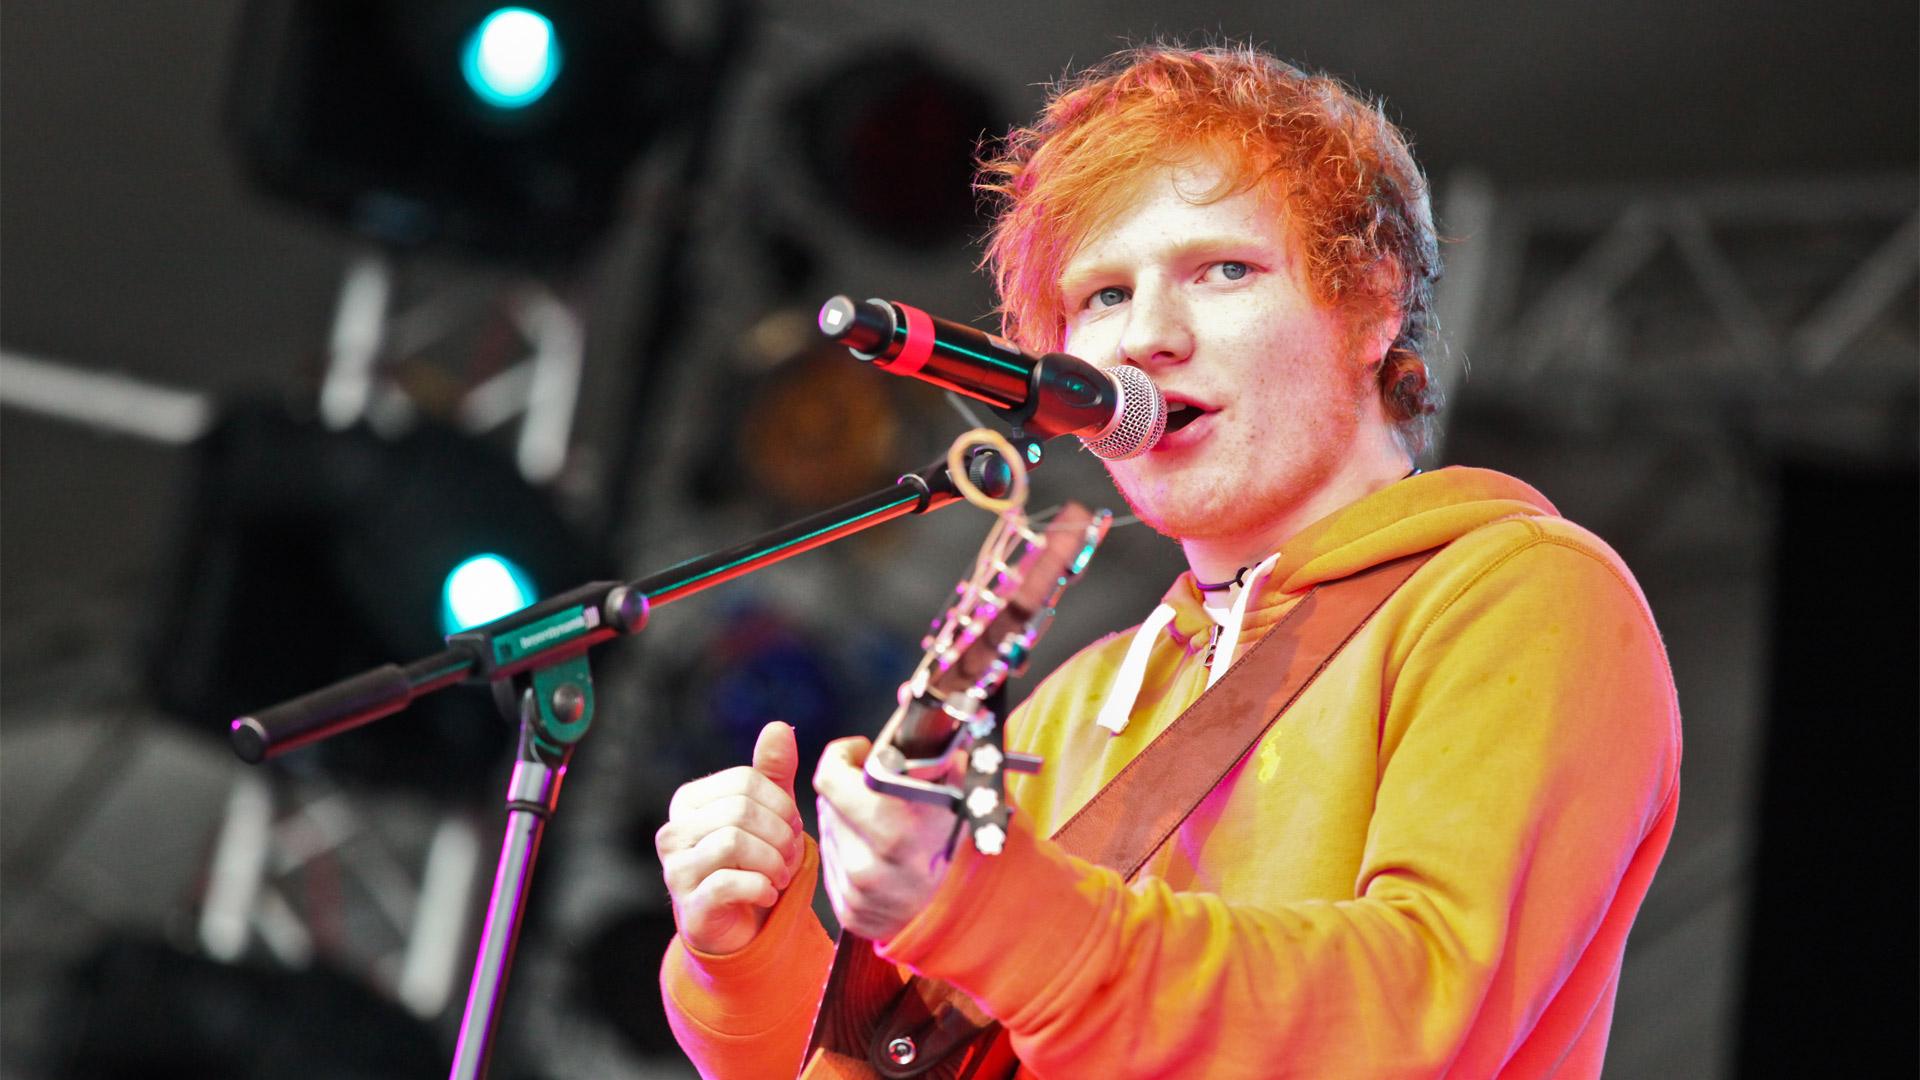 Ed Sheeran Photos - Ed Sheeran Photos